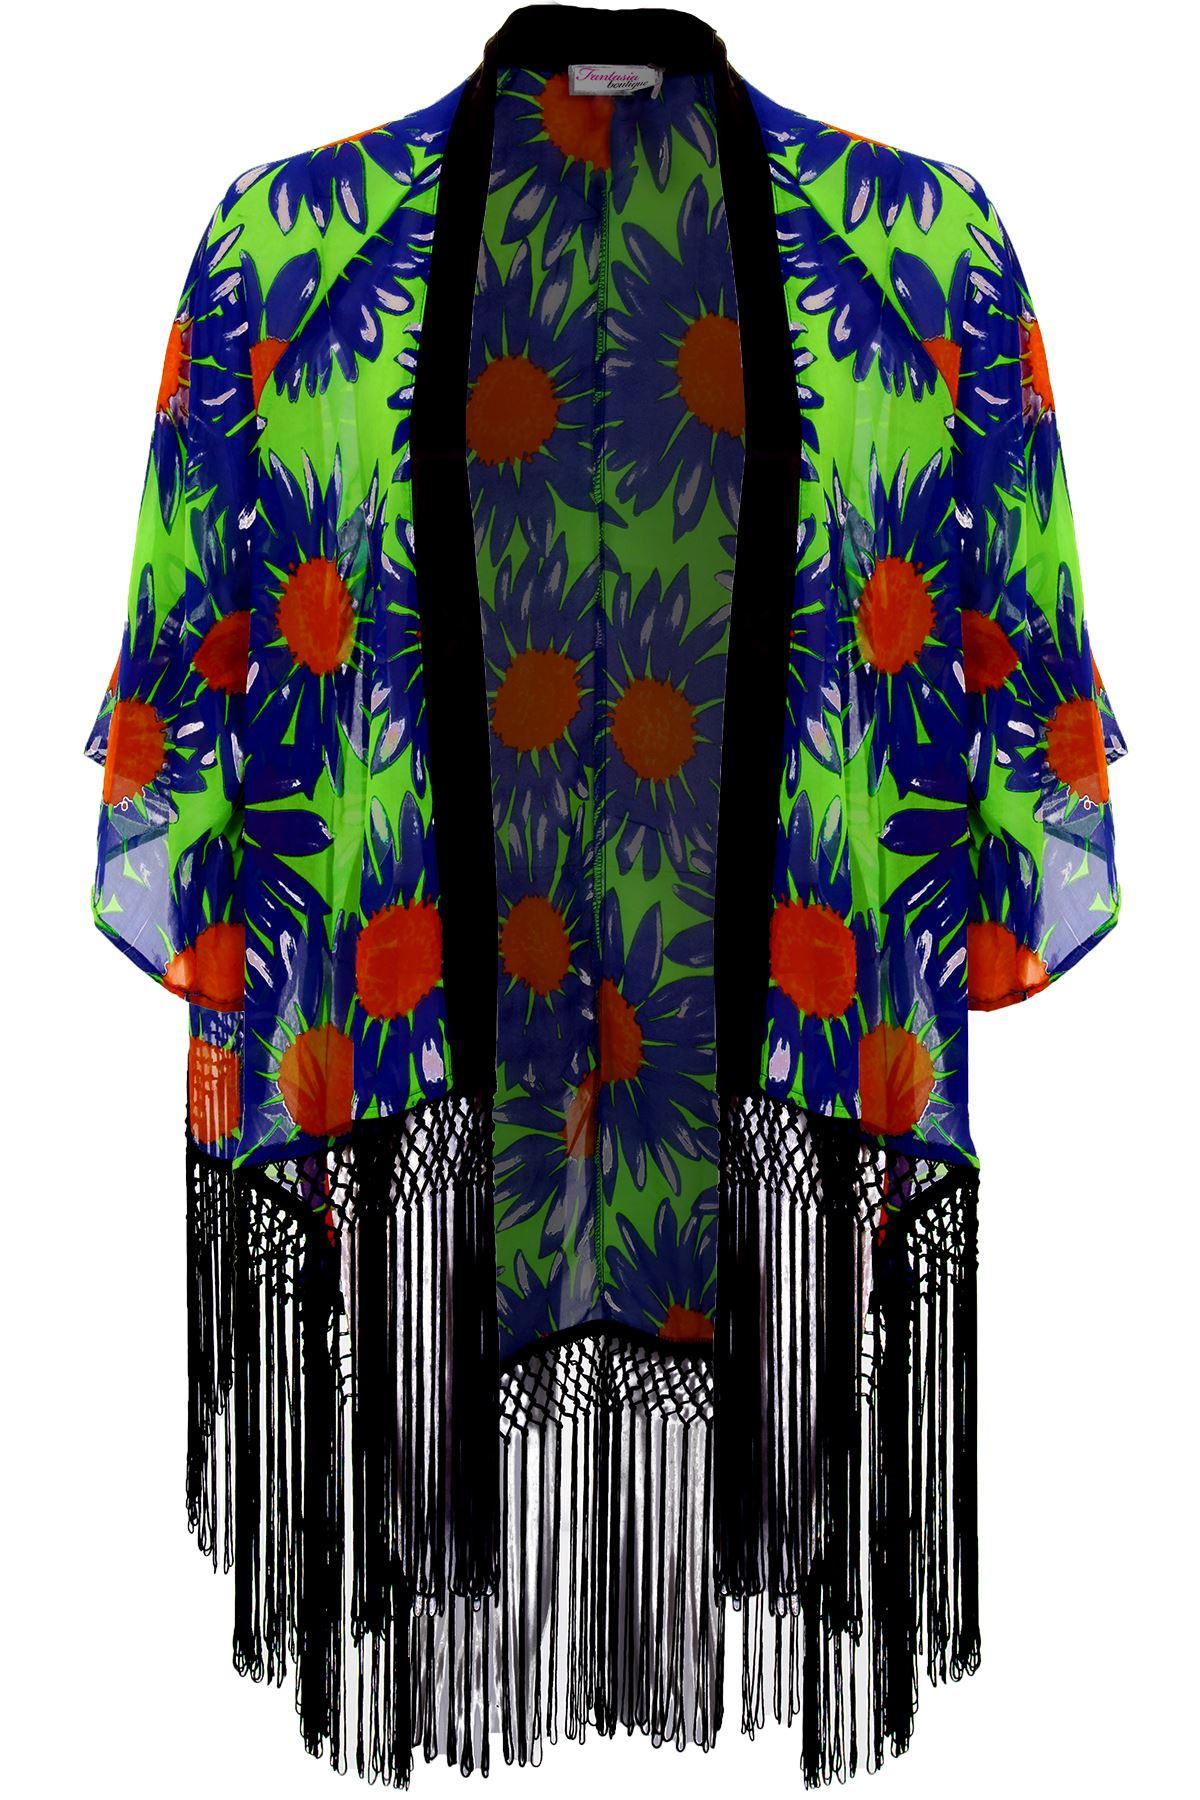 Damen chiffon blumenmuster fackel rmel troddel offene - Kimono jacke damen ...